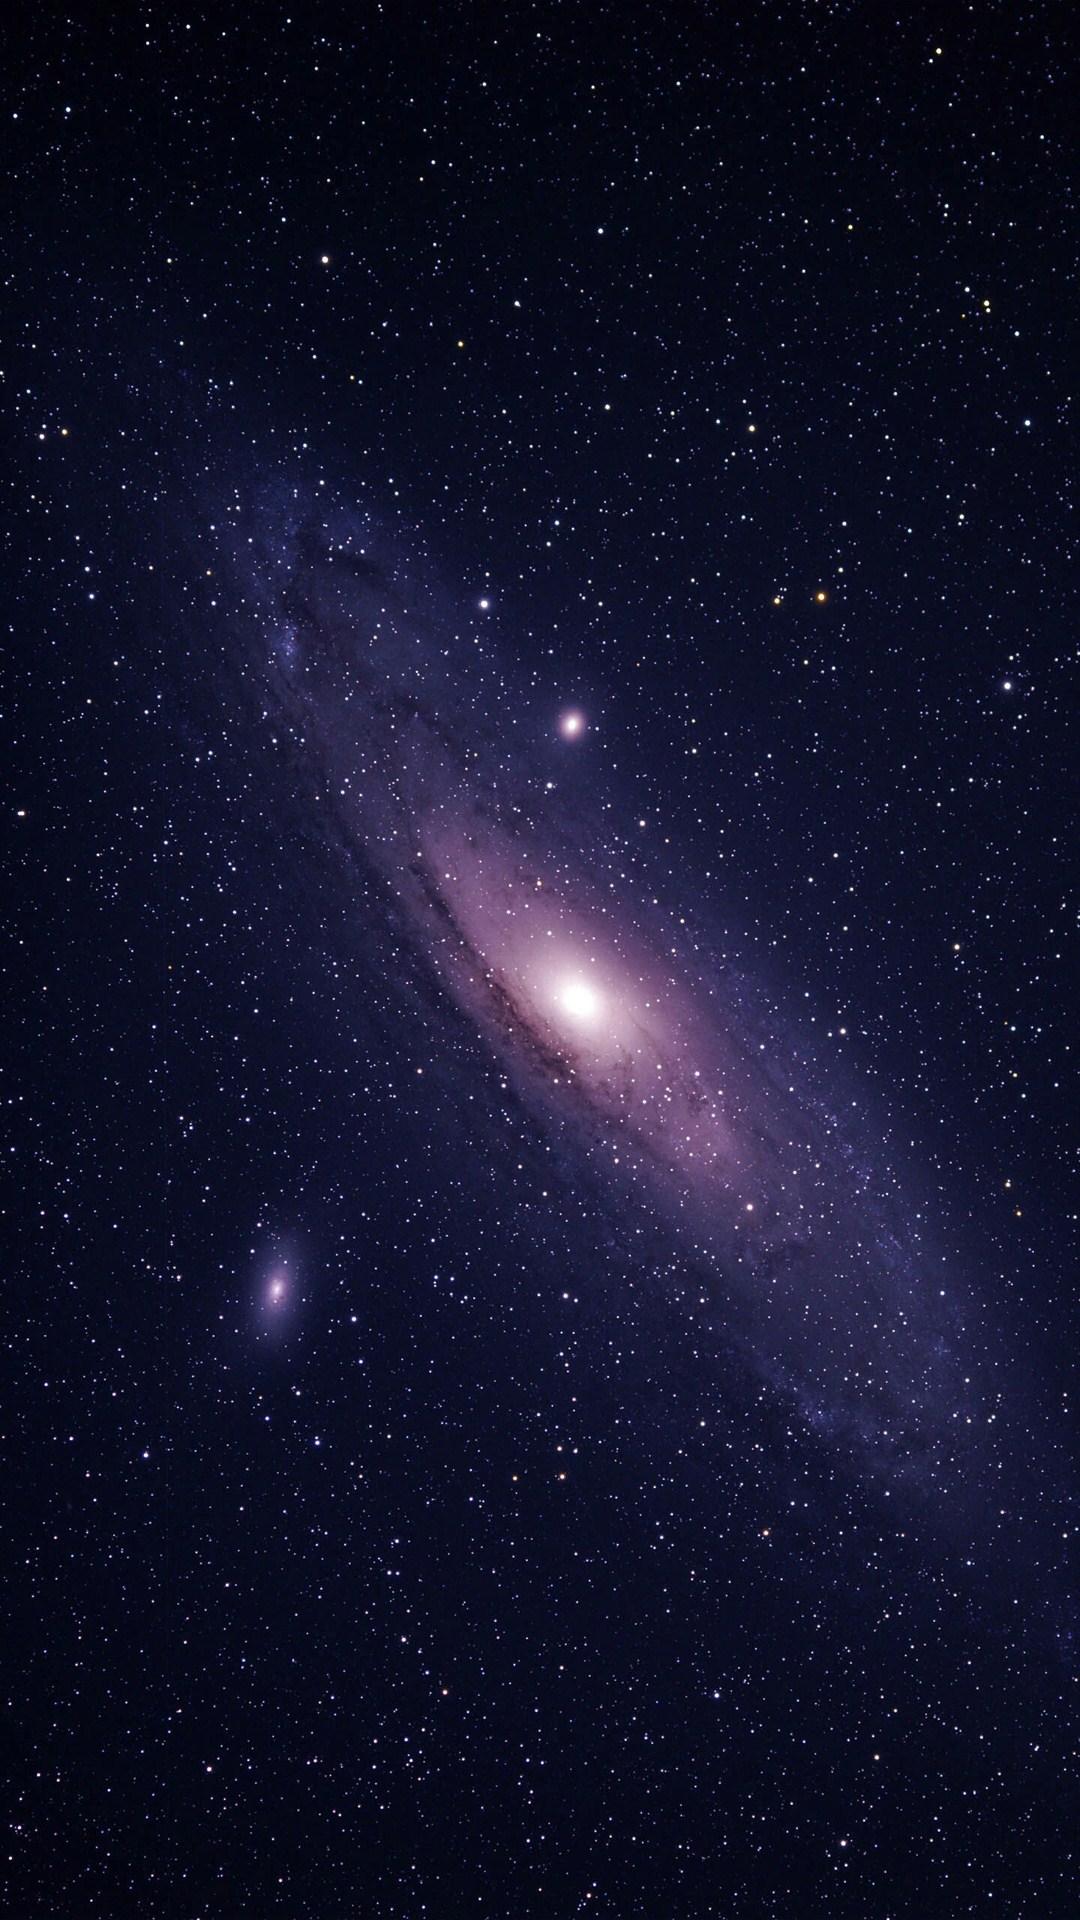 星球 宇宙 银河系 地球 苹果手机高清壁纸 1080x1920